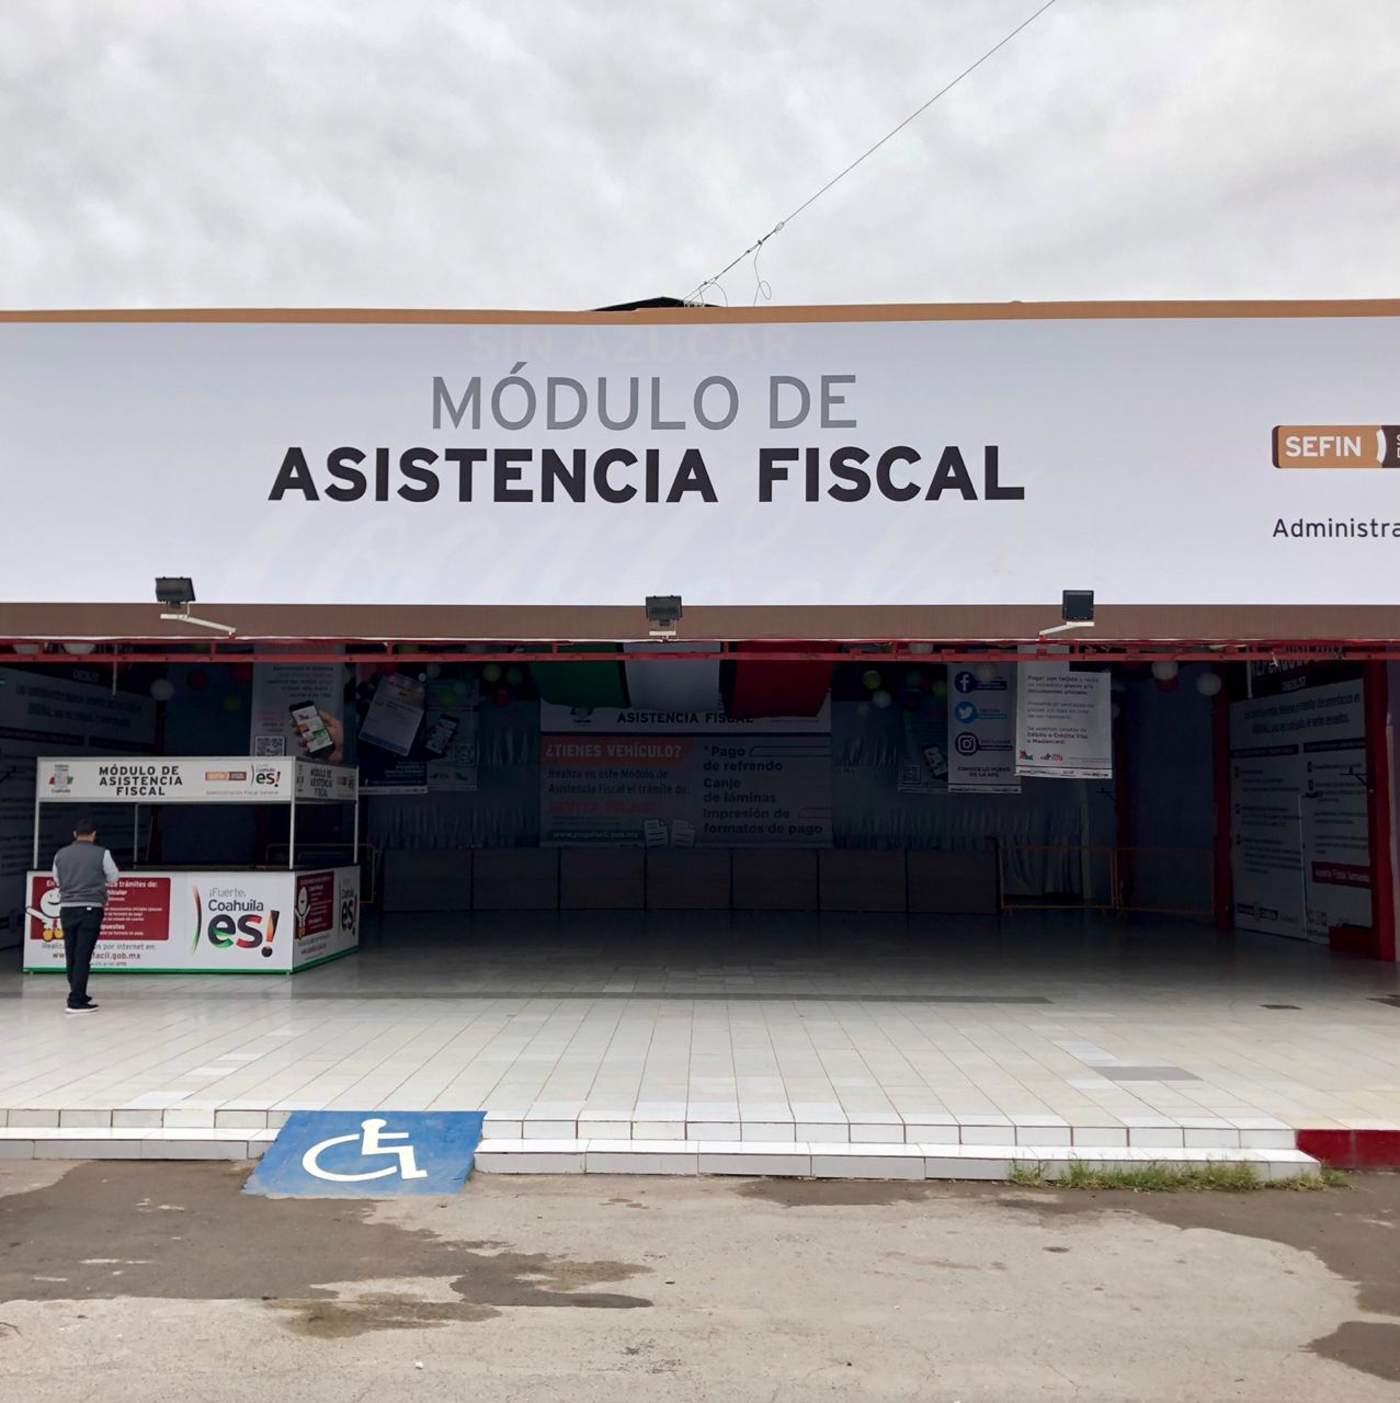 Instalan Mega Módulo De Asistencia Fiscal En La Expo Feria